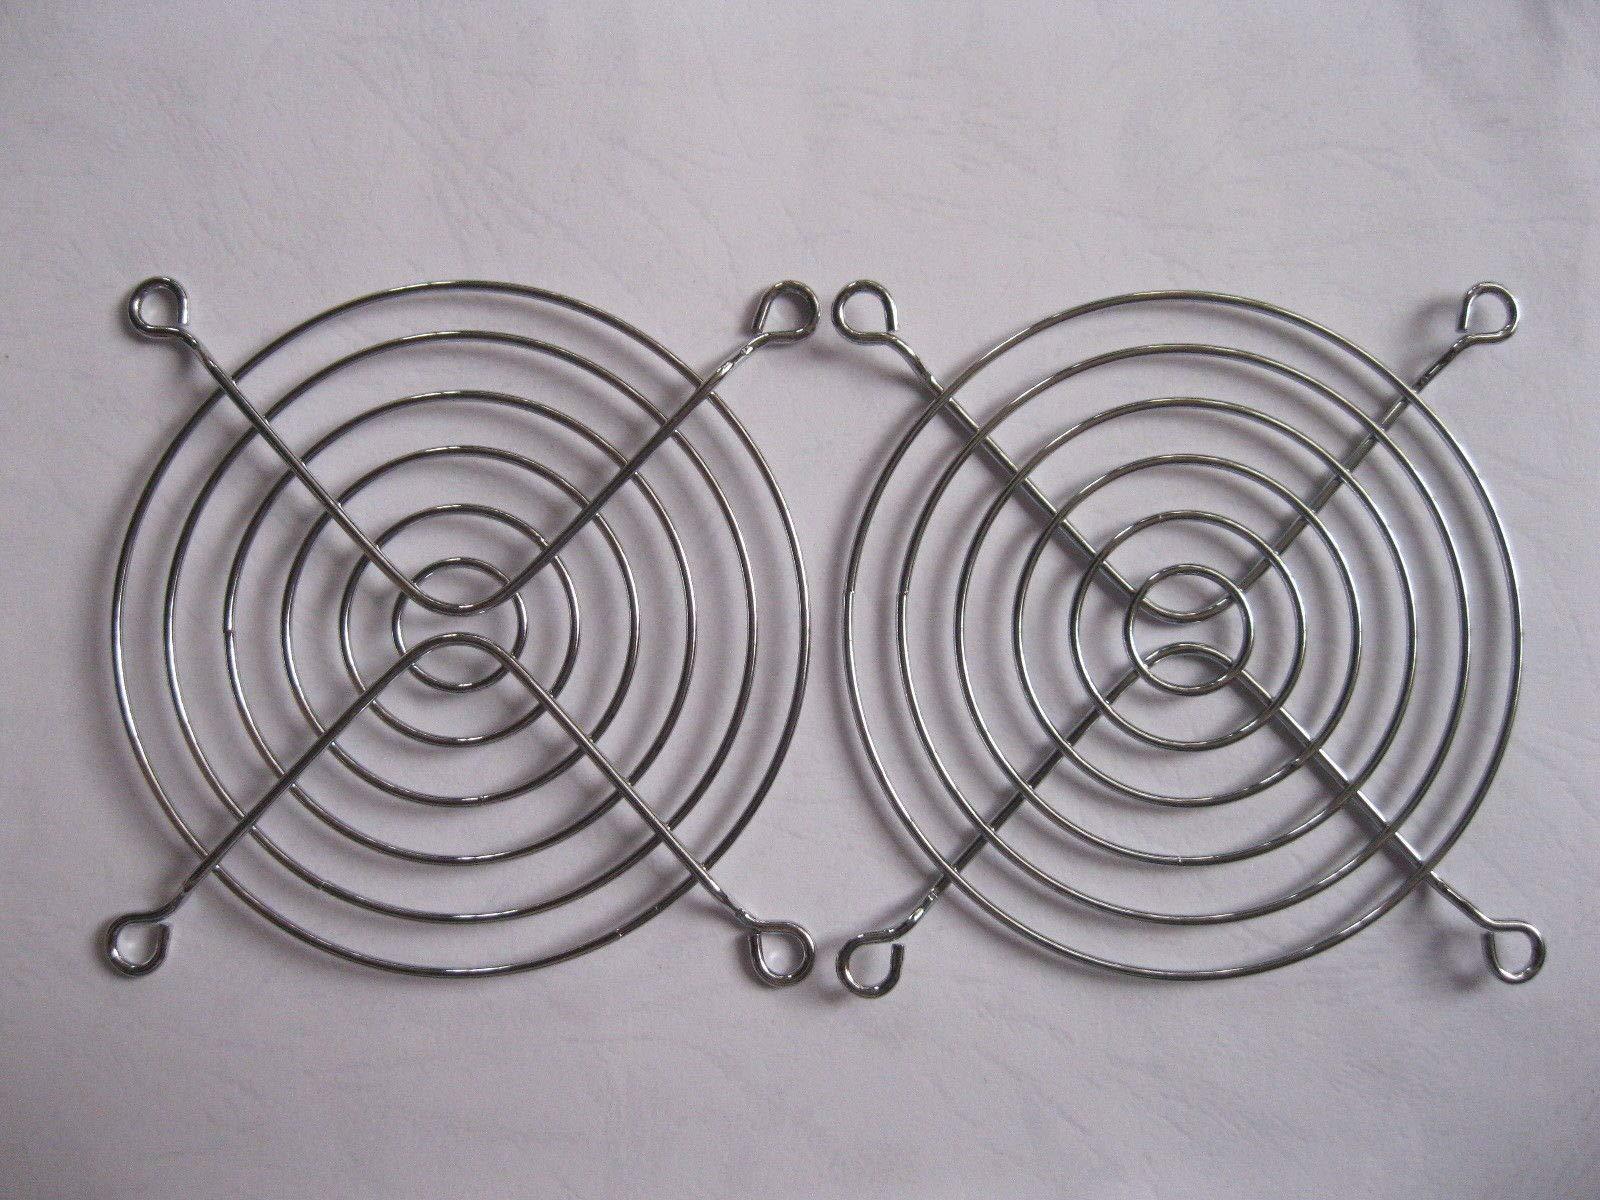 FidgetFidget 20 pcs DC Fan Grill Protector Silver Metal Finger Guard Used for 92mm Fan 90mm